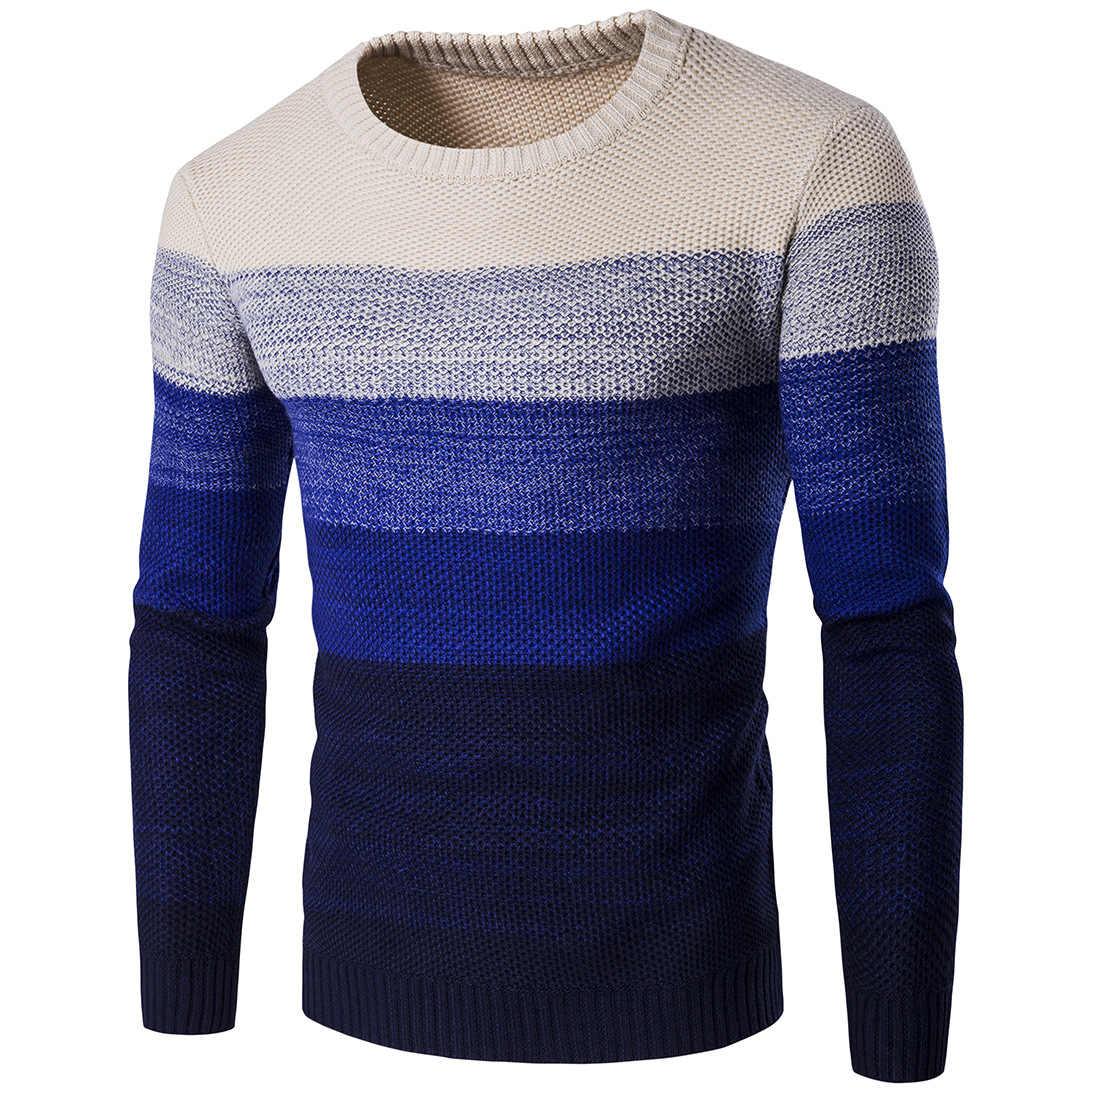 Camisola de inverno 2020 casual de malha de algodão macio o pescoço blusas pulôver outono nova moda listrado camisola casaco masculino